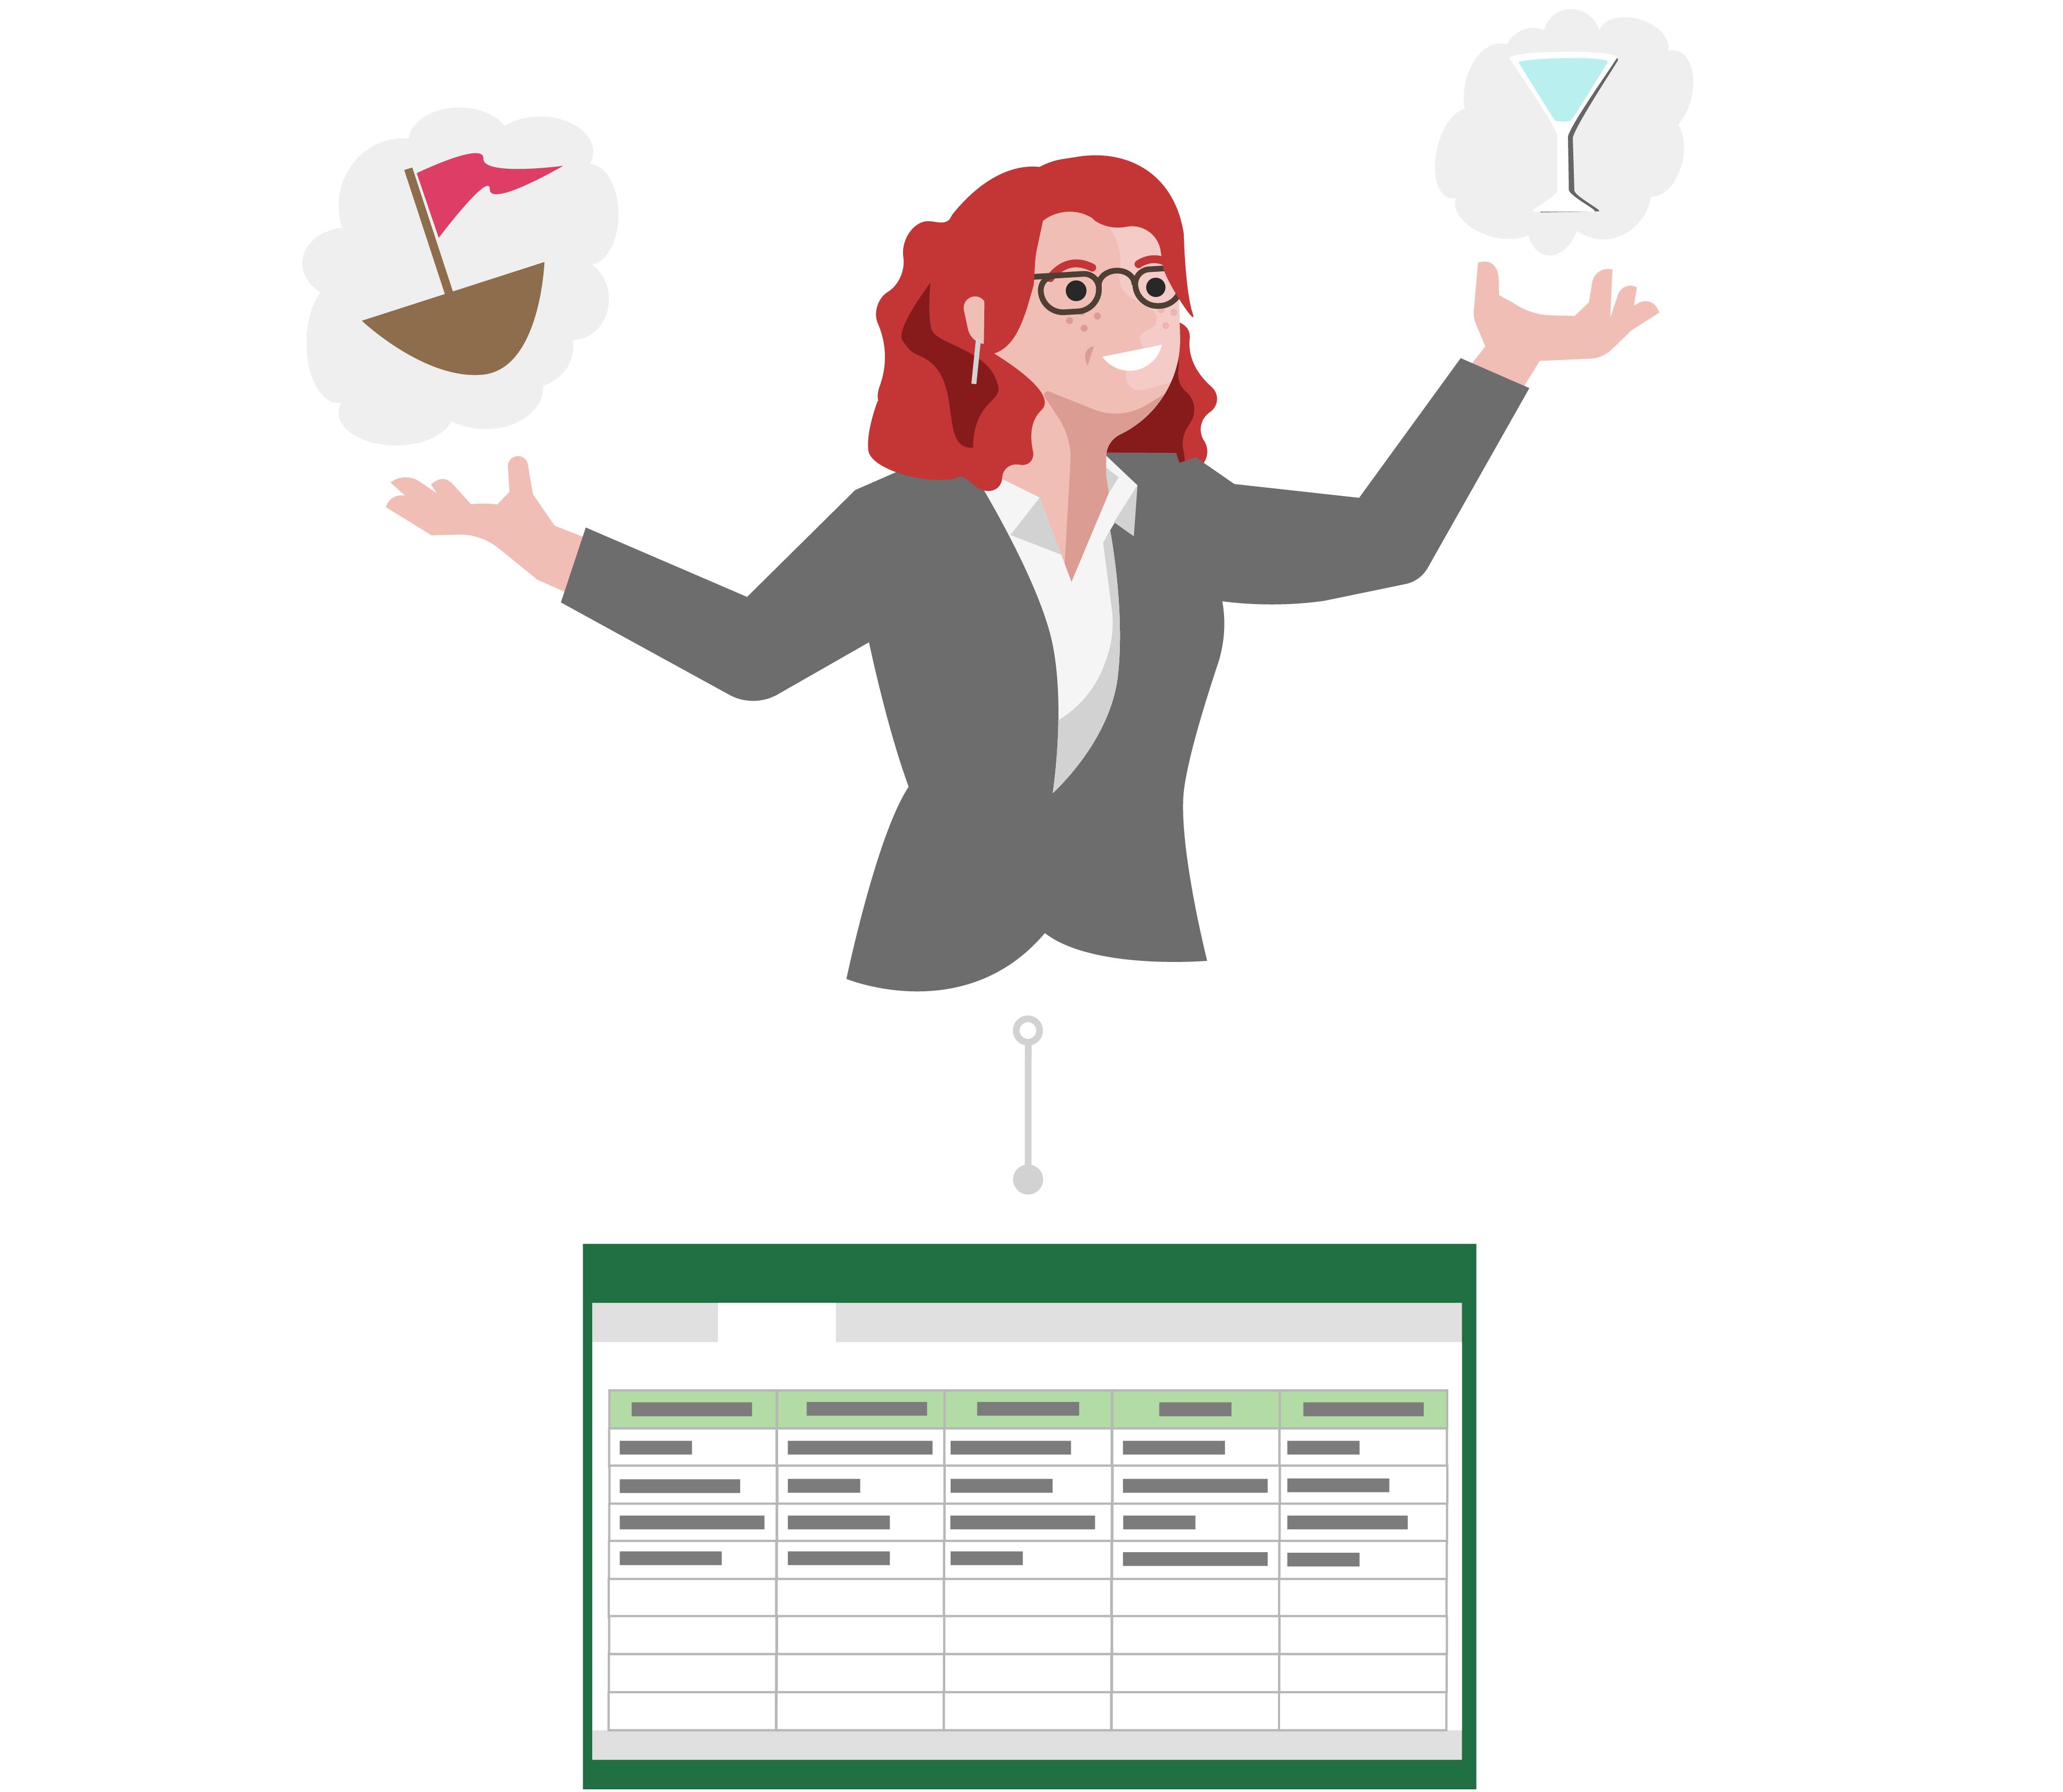 Linda potřebuje svůj názor na nápady, takže vytvoří tabulku a uloží ji do cloudu.